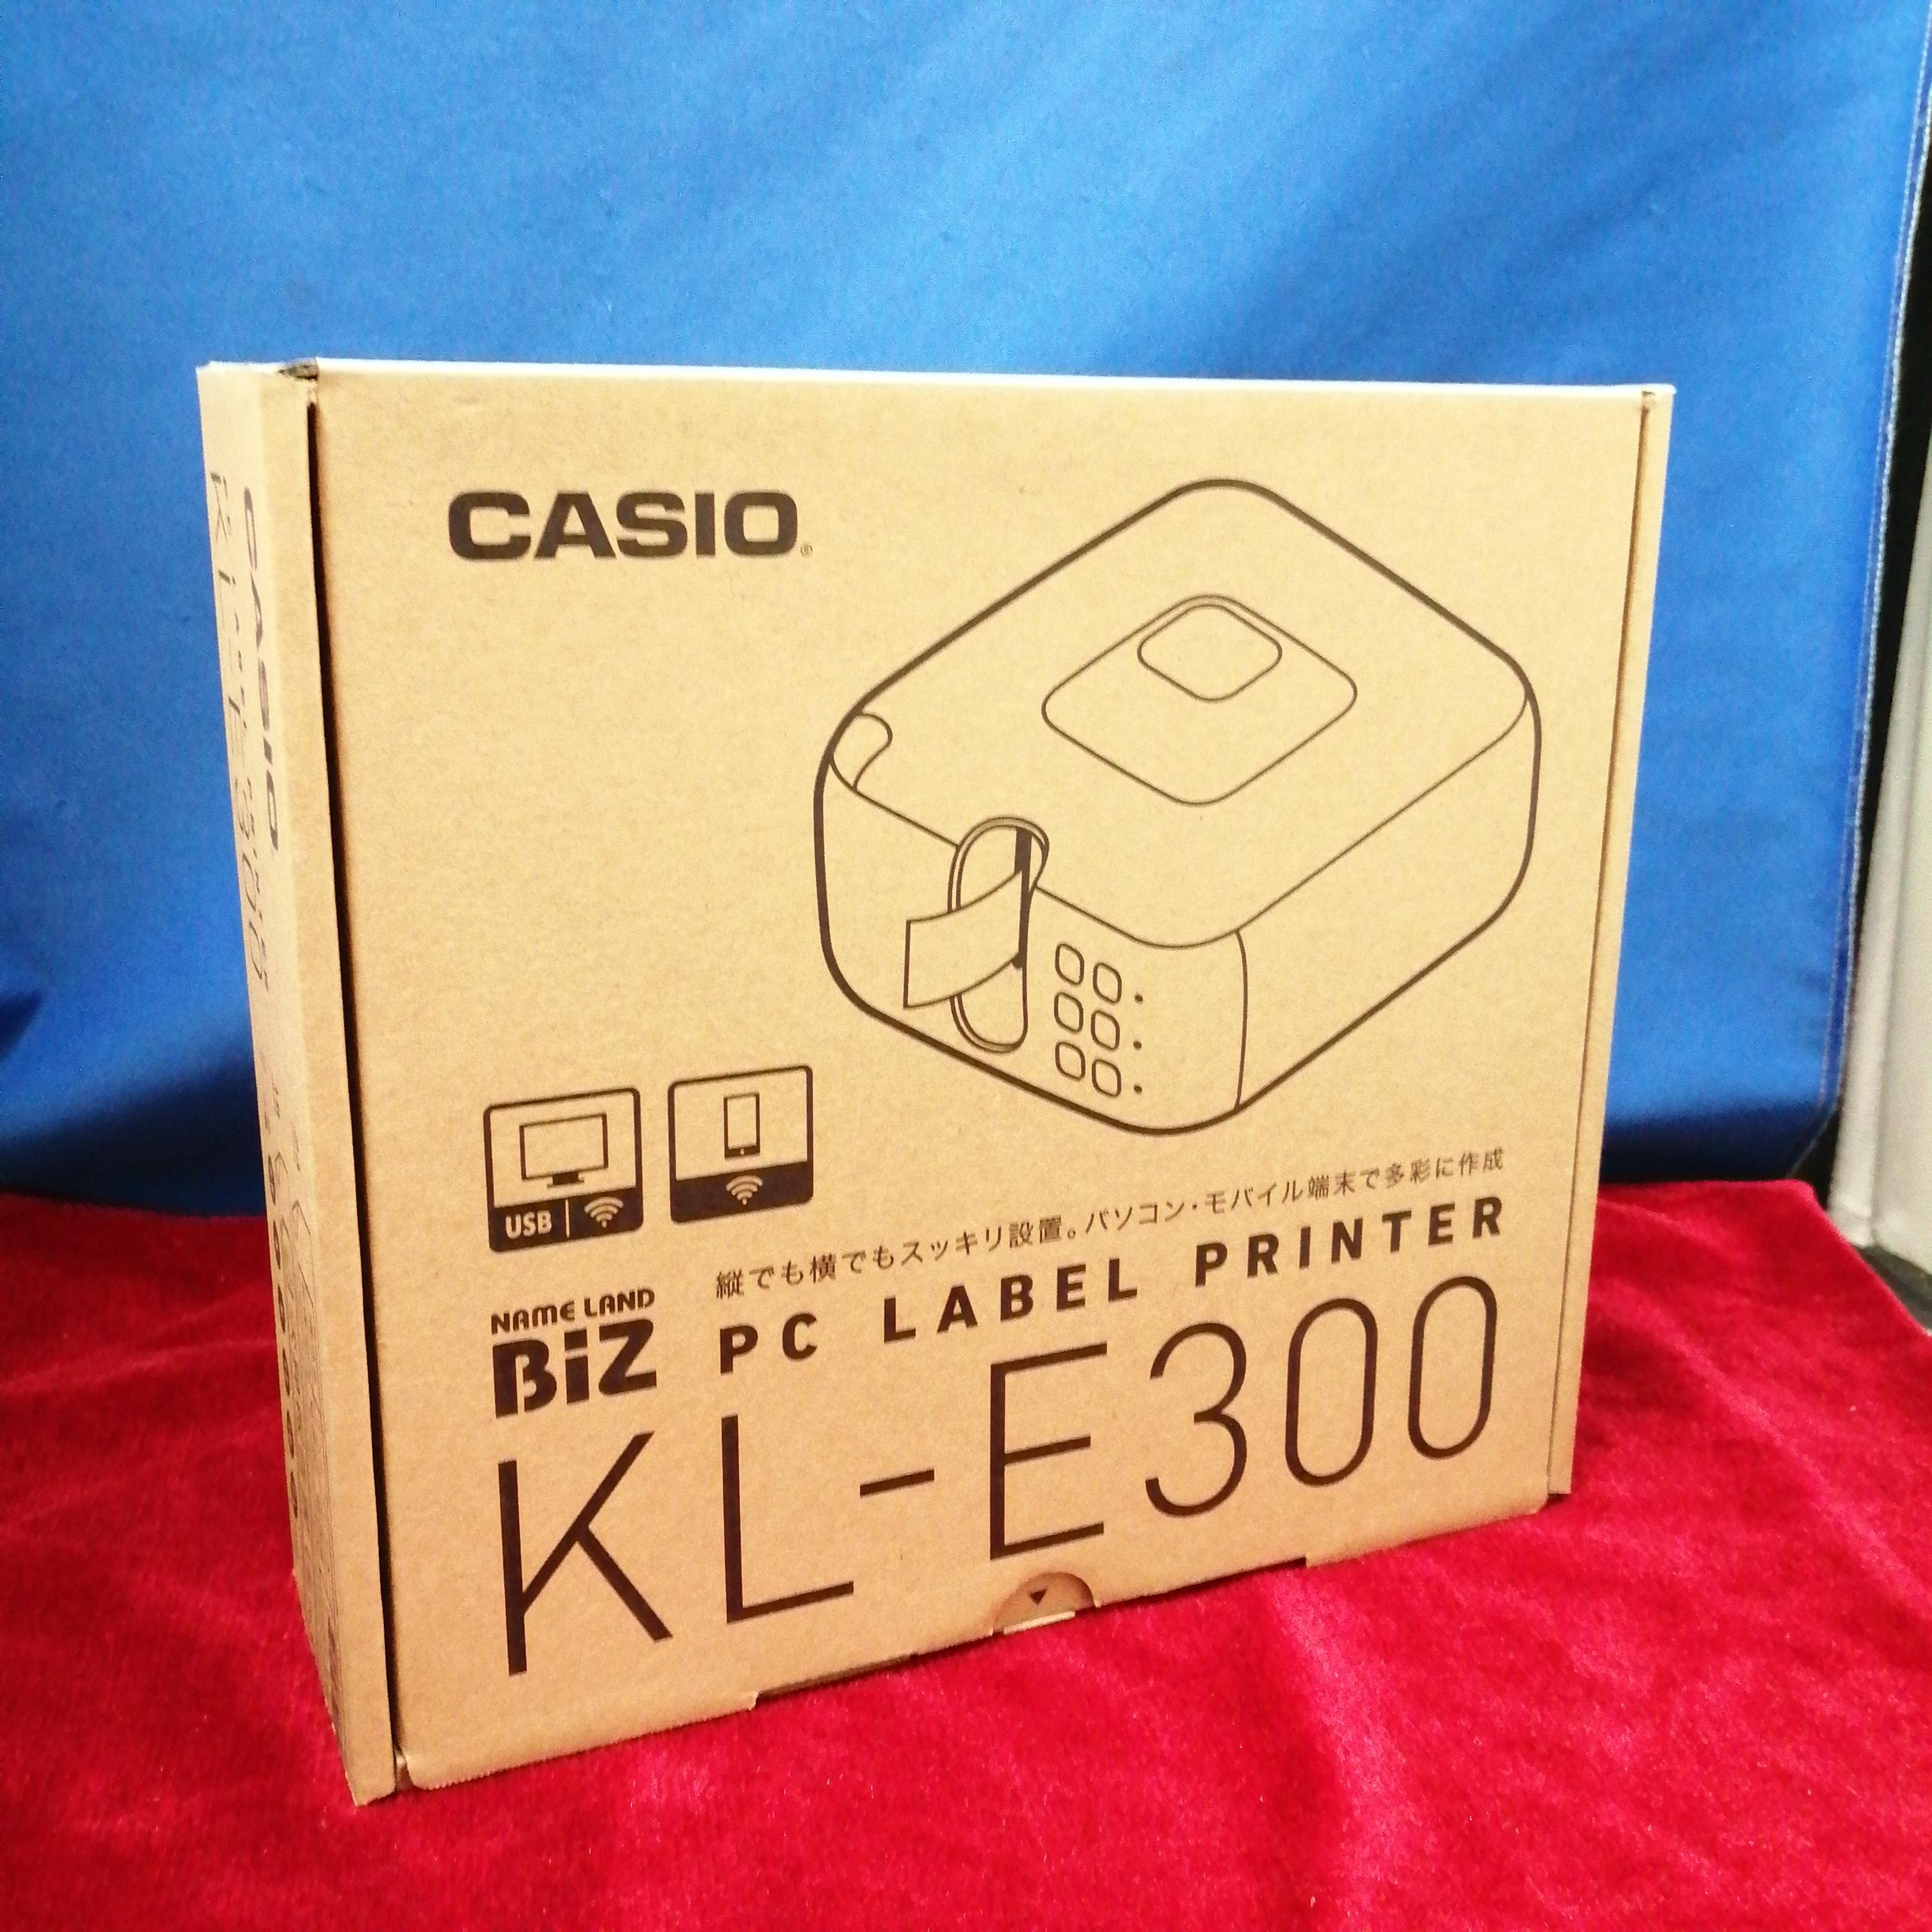 KL-E300/ラベルプリンター CASIO